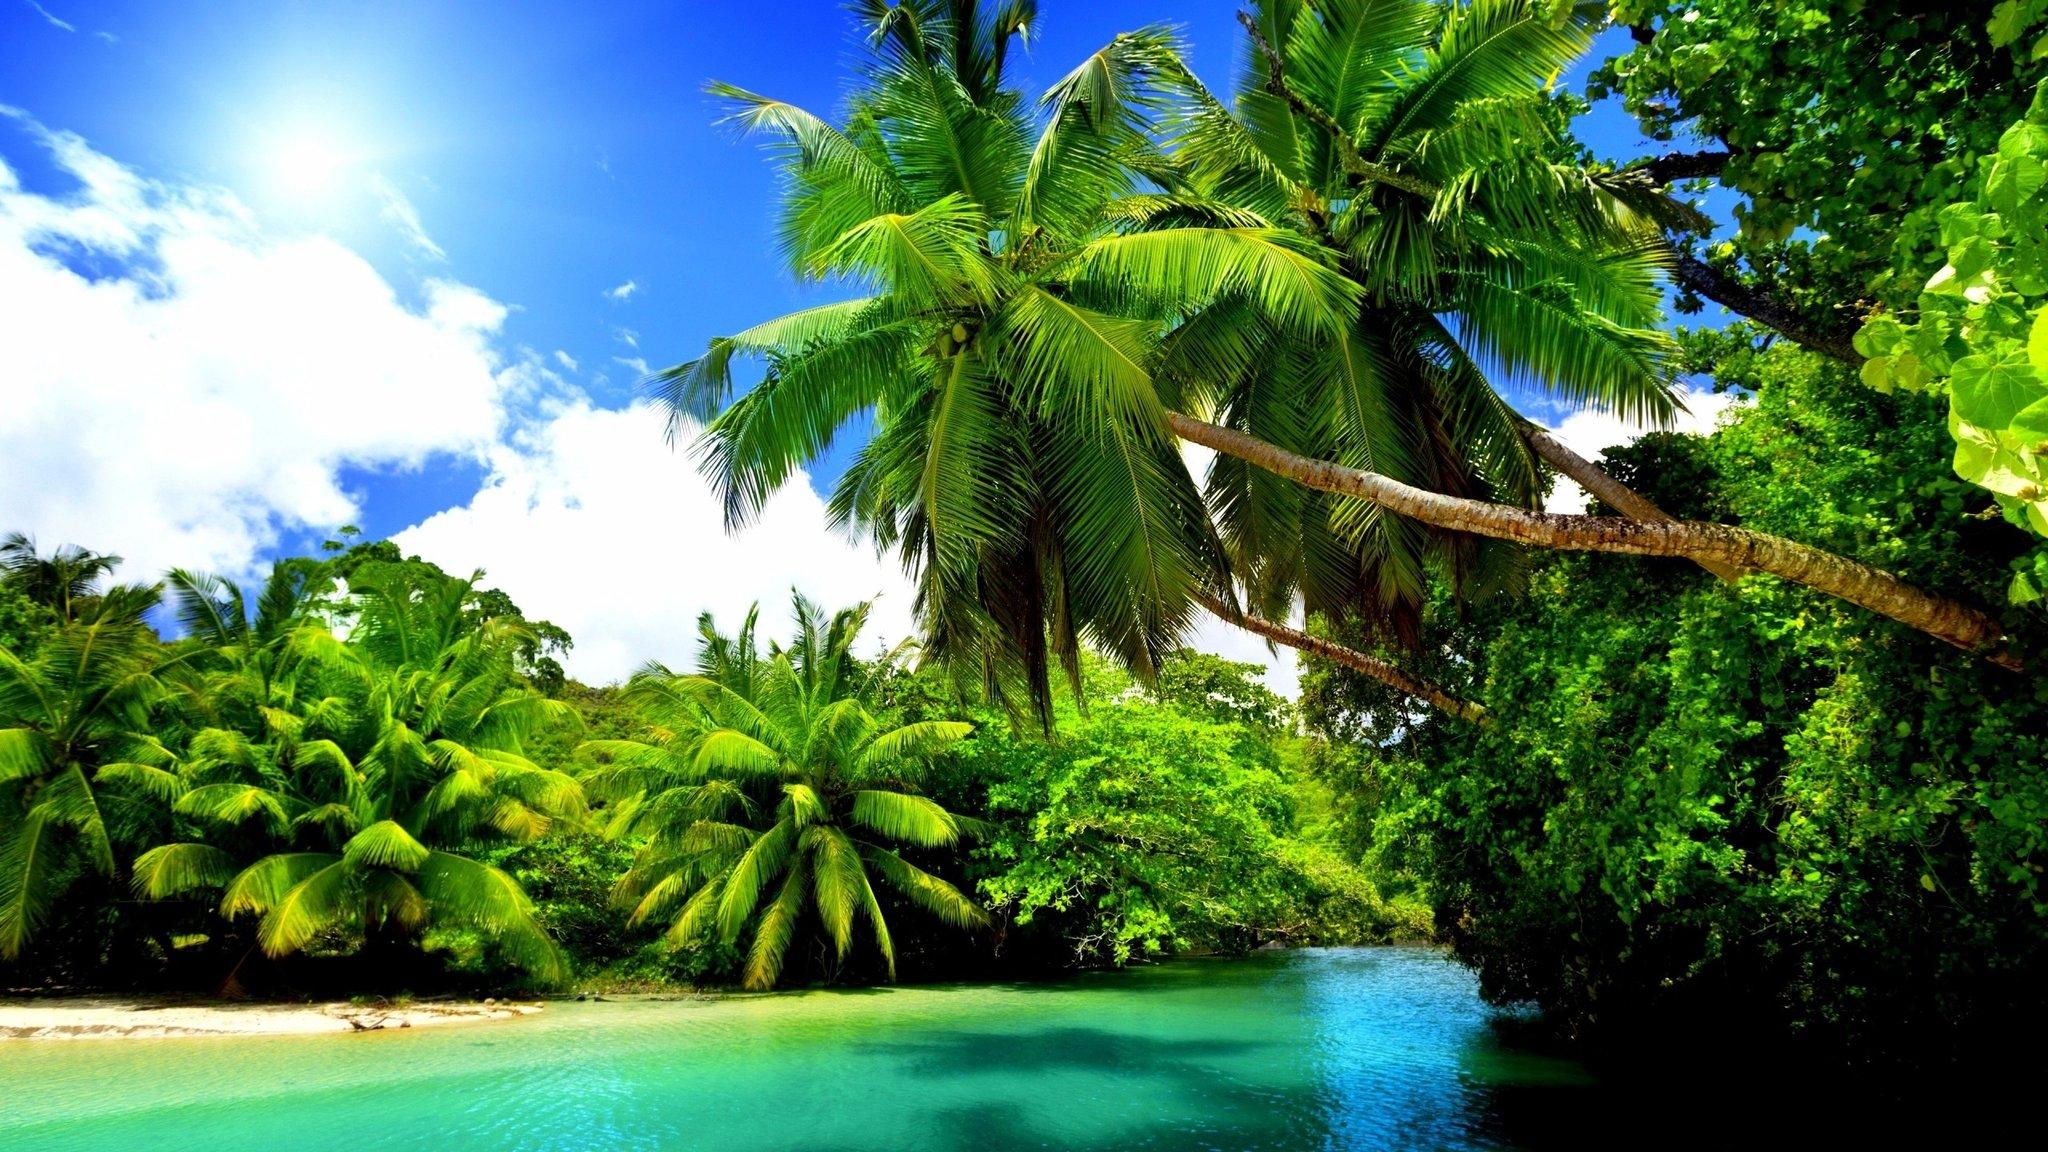 Картинки самых красивых морей